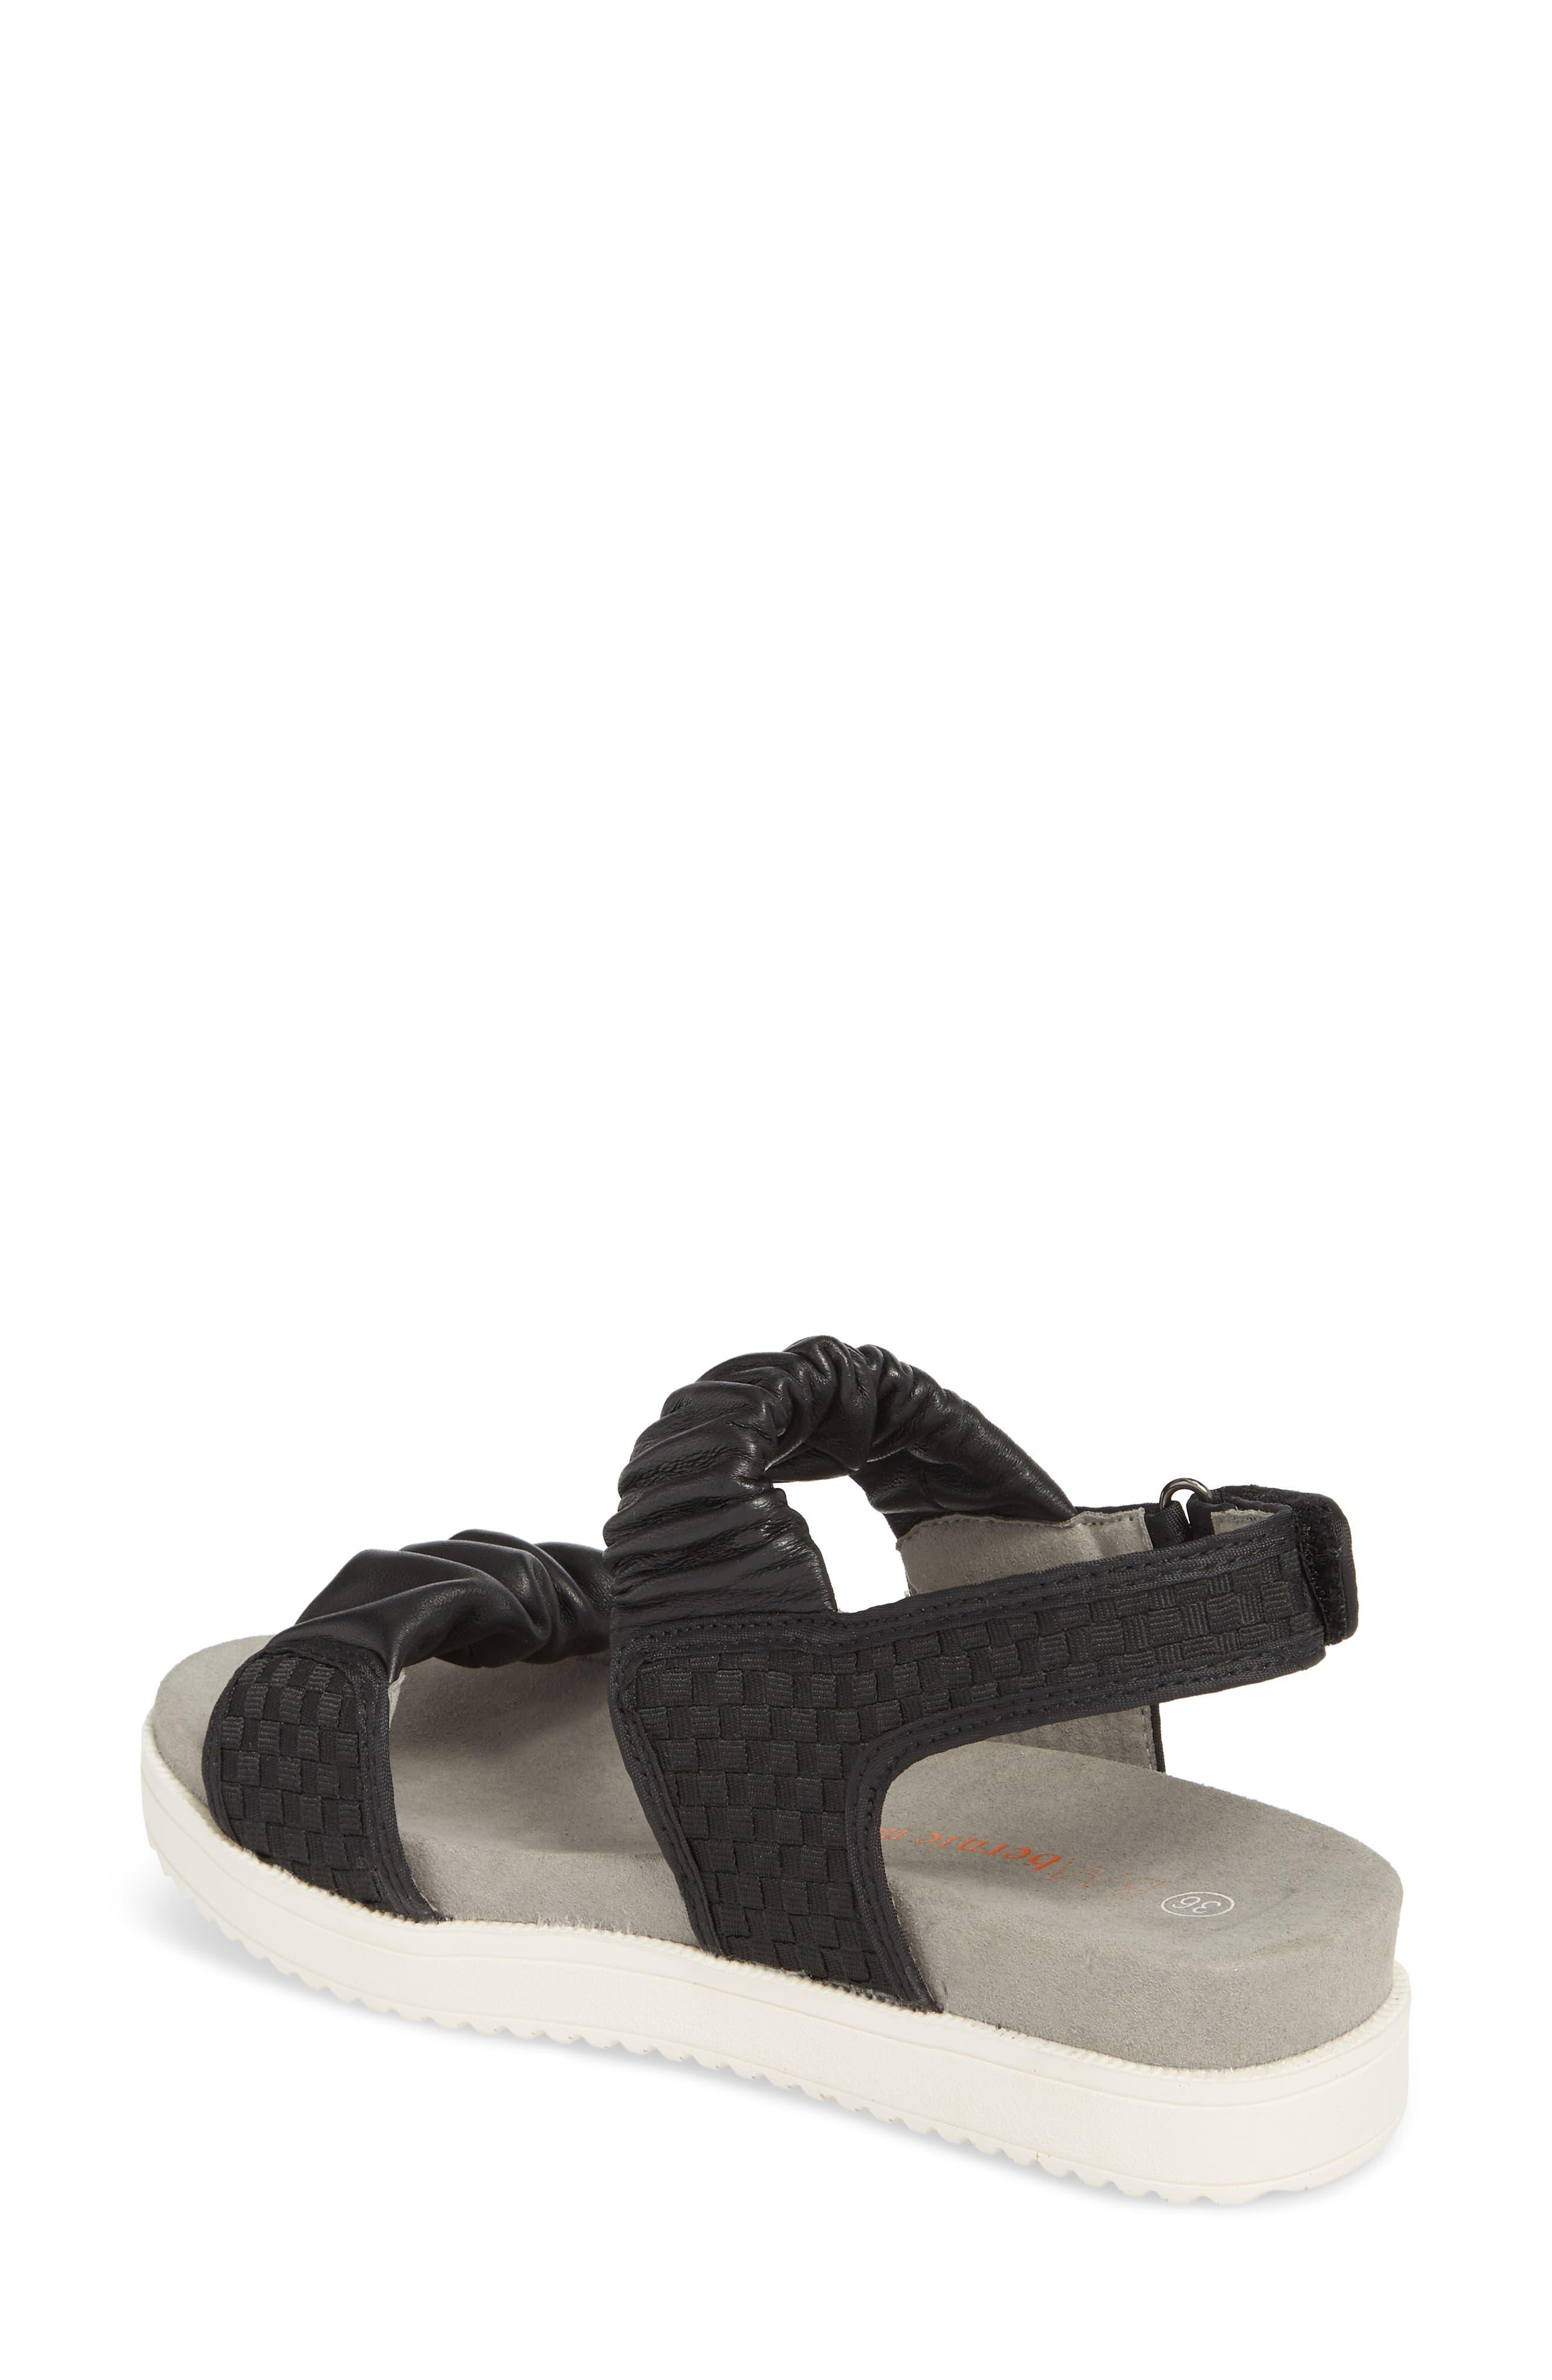 Fiji Sandal,                             Alternate thumbnail 2, color,                             BLACK/ BLACK LEATHER